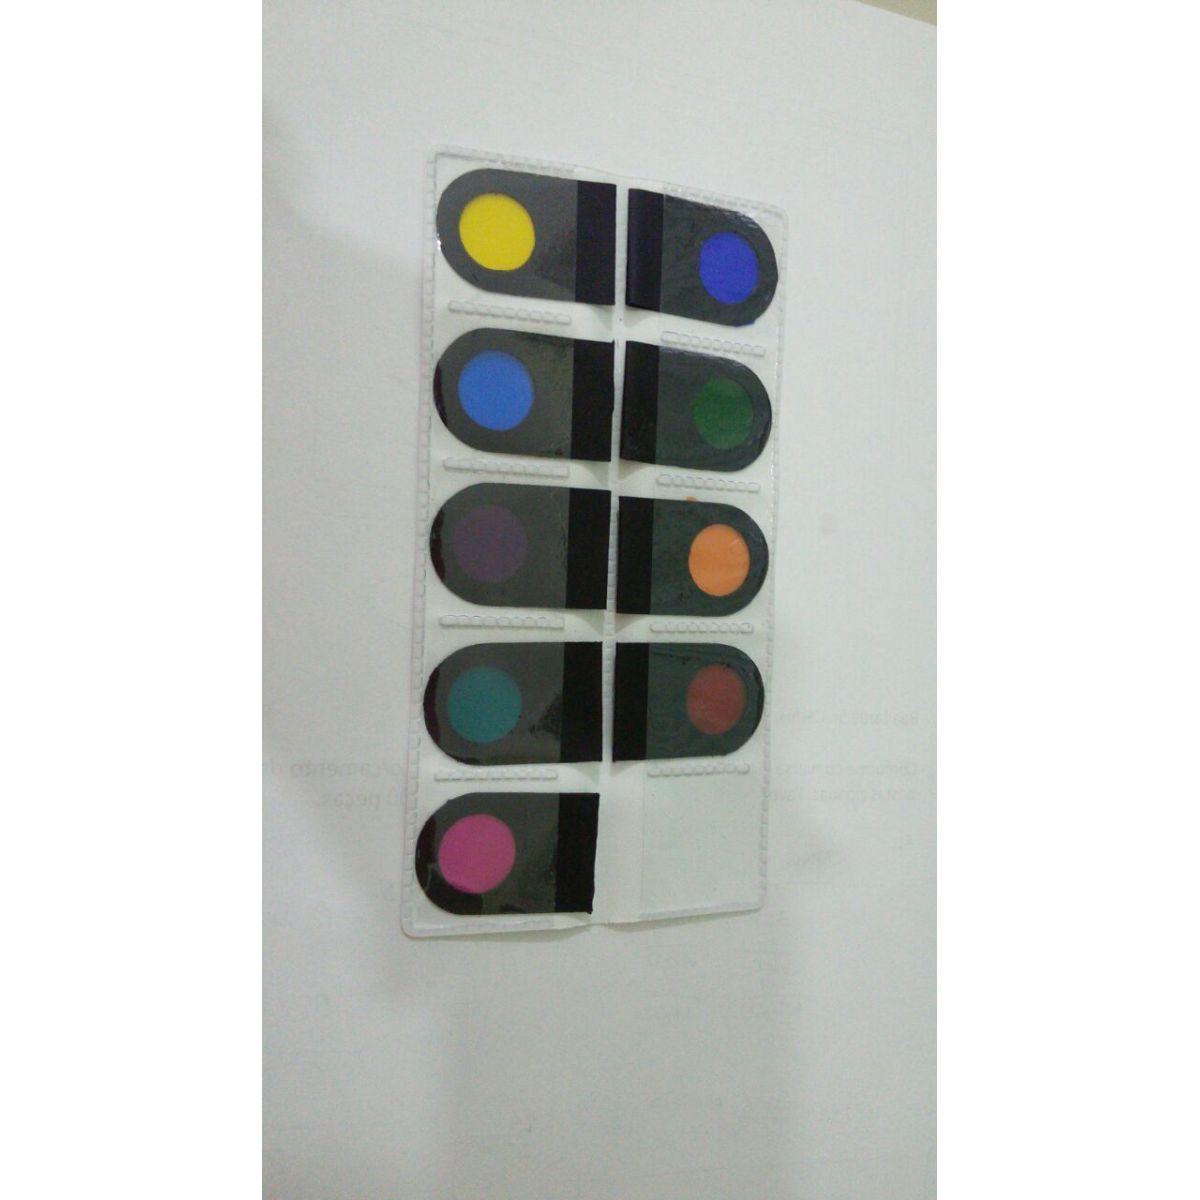 Bastão Cromático elétrico caixa  - Zots